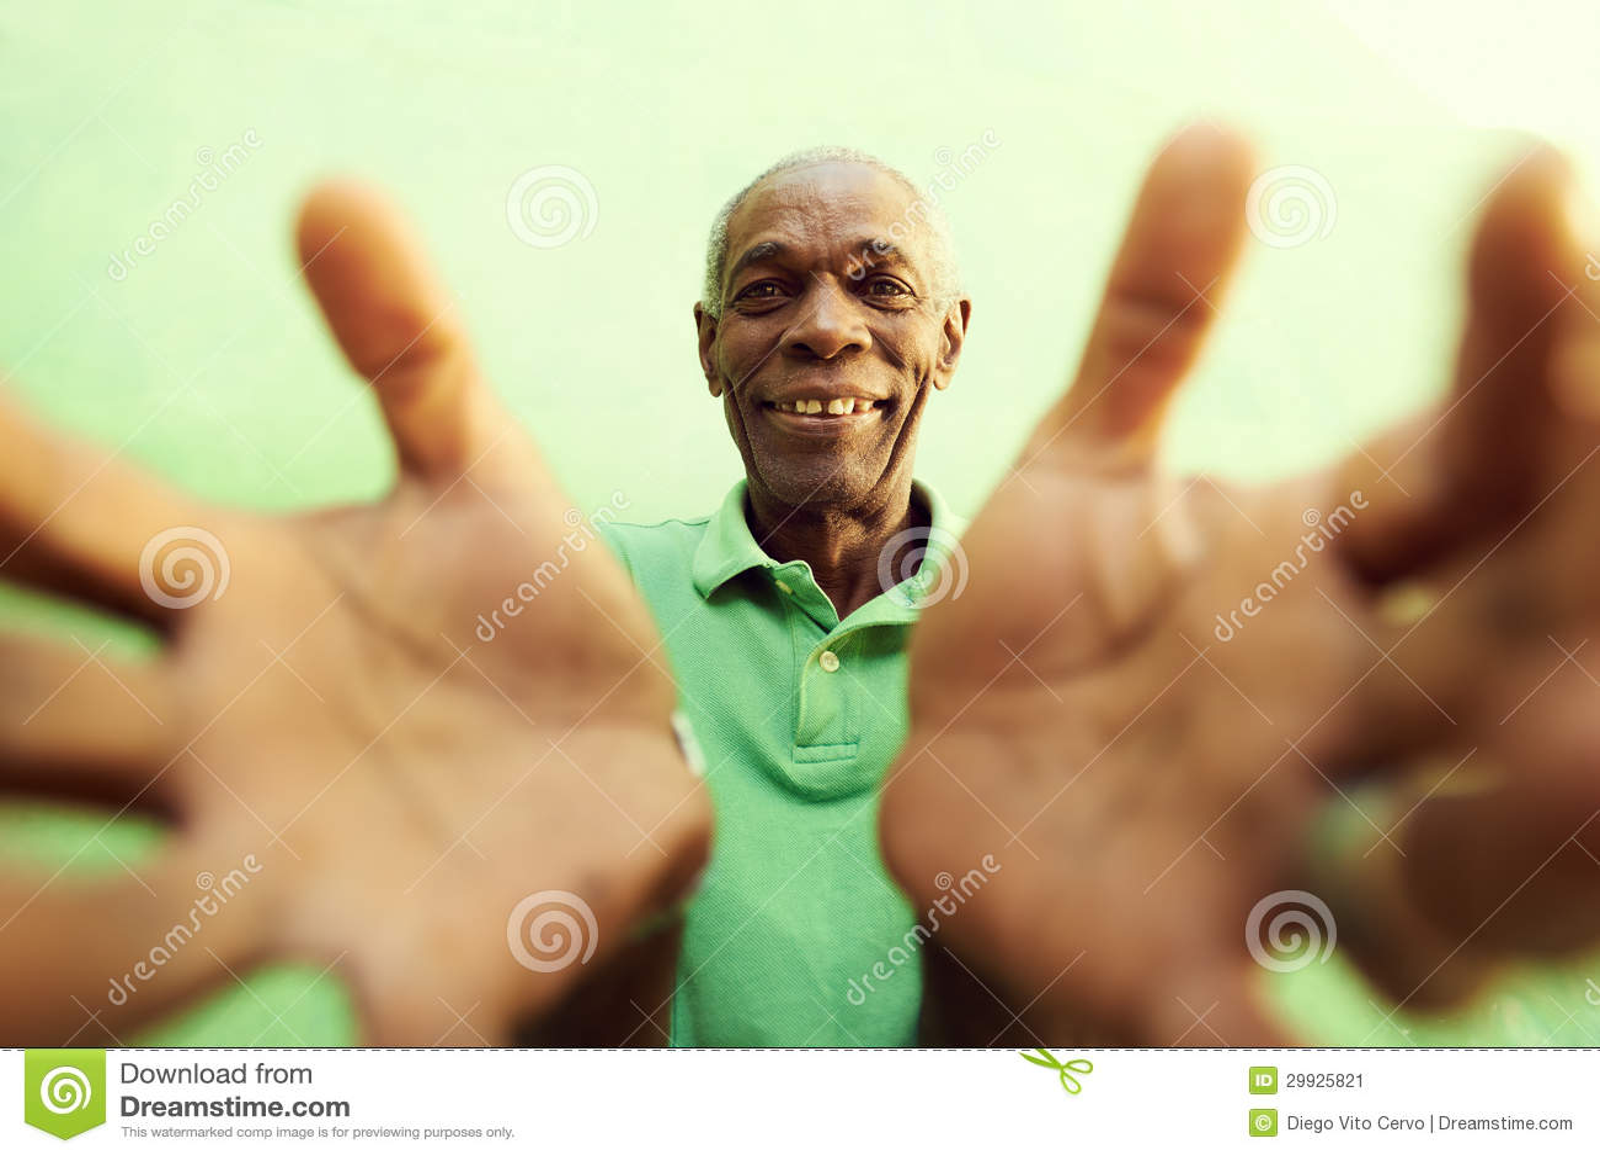 Stary afrykański mężczyzna z rękami i ręki otwieramy, obejmujący kamerę